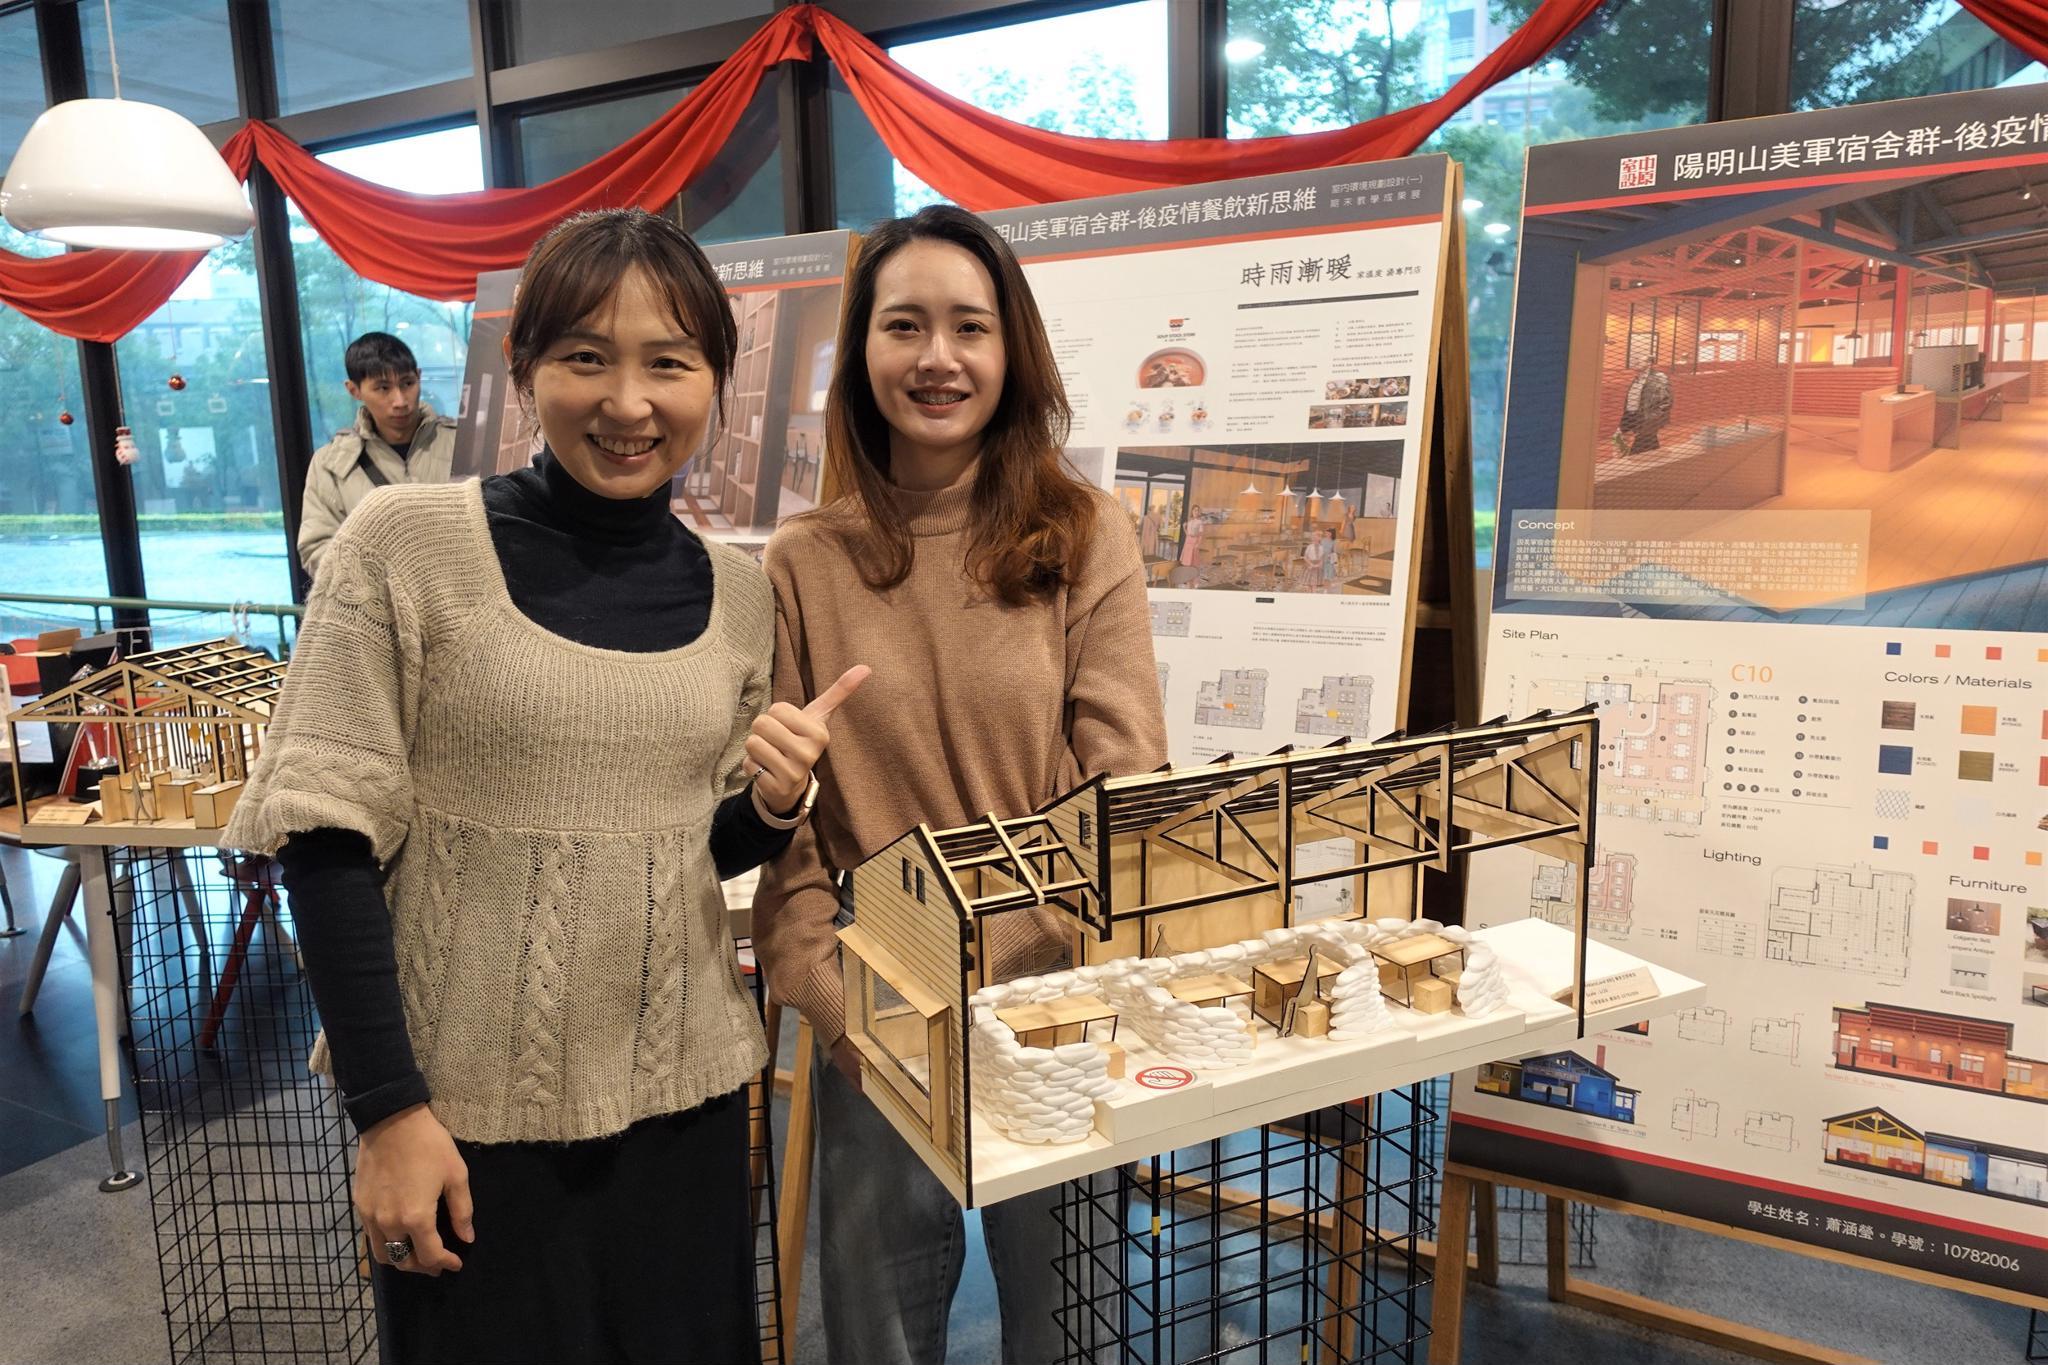 蕭涵瑩以美援麵粉袋營造戰場的意象設計美式BBQ餐飲空間。(左為謝淳鈺指導老師).jpg